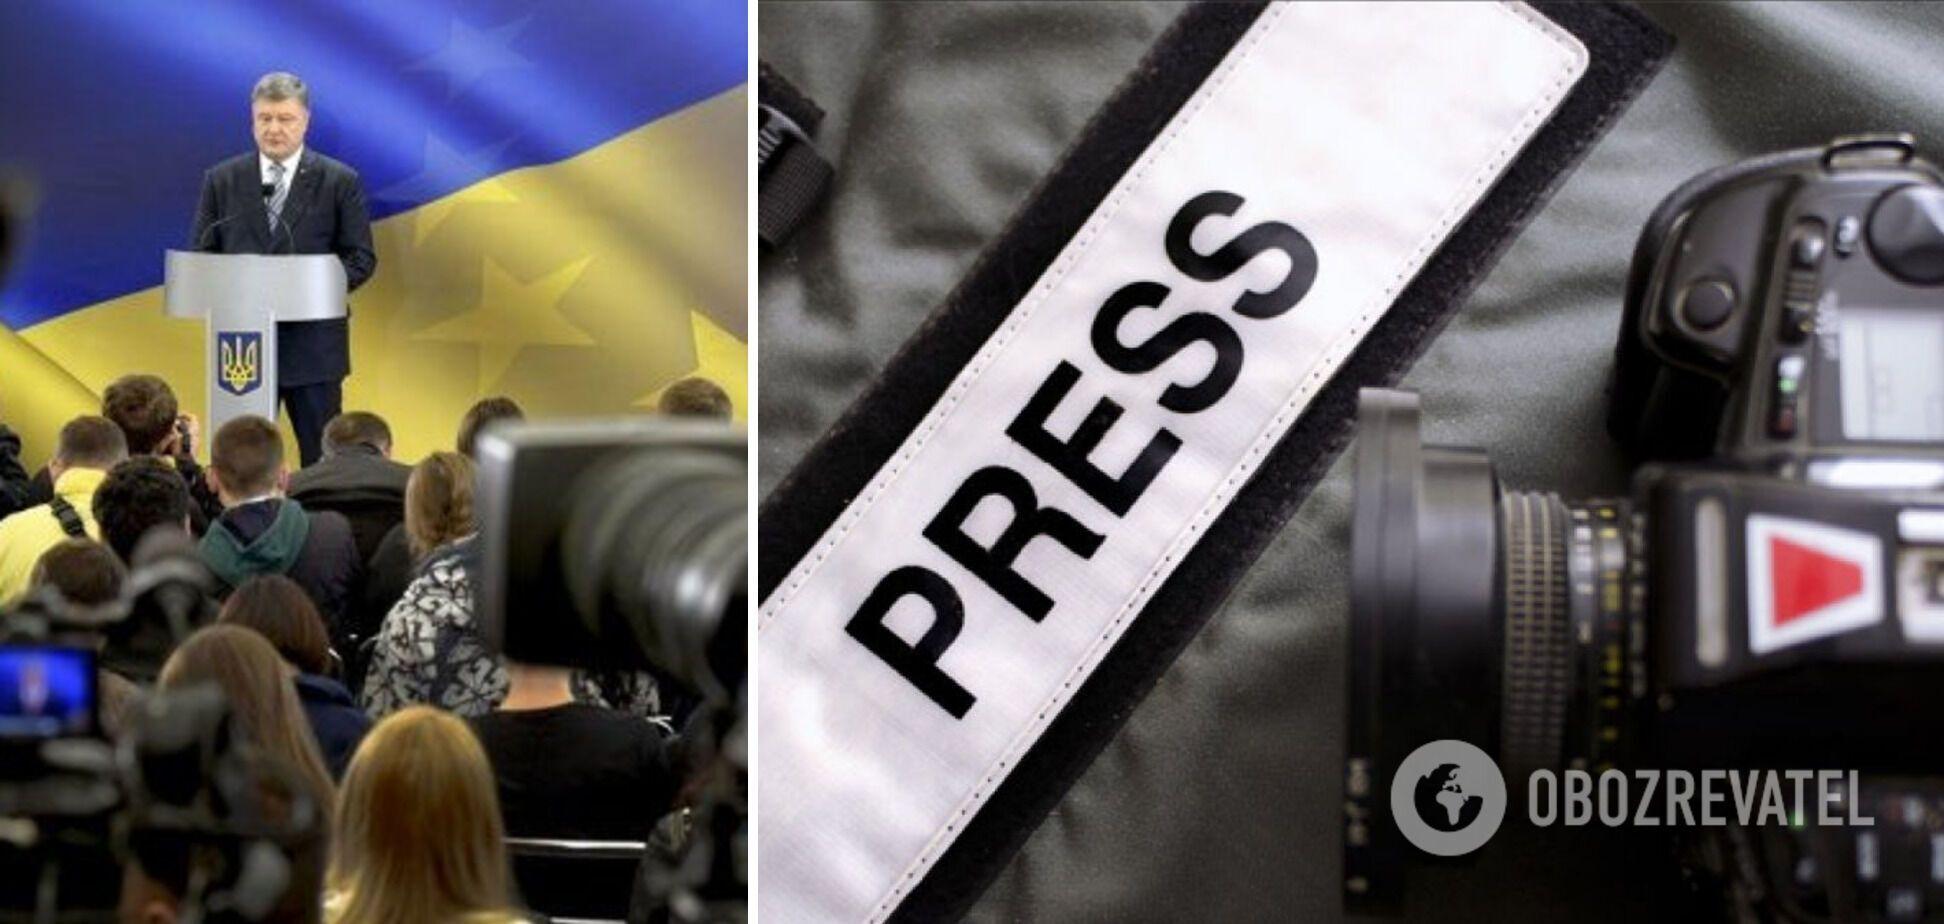 Порошенко привітав українських журналістів і подякував за донесення 'голосу правди'